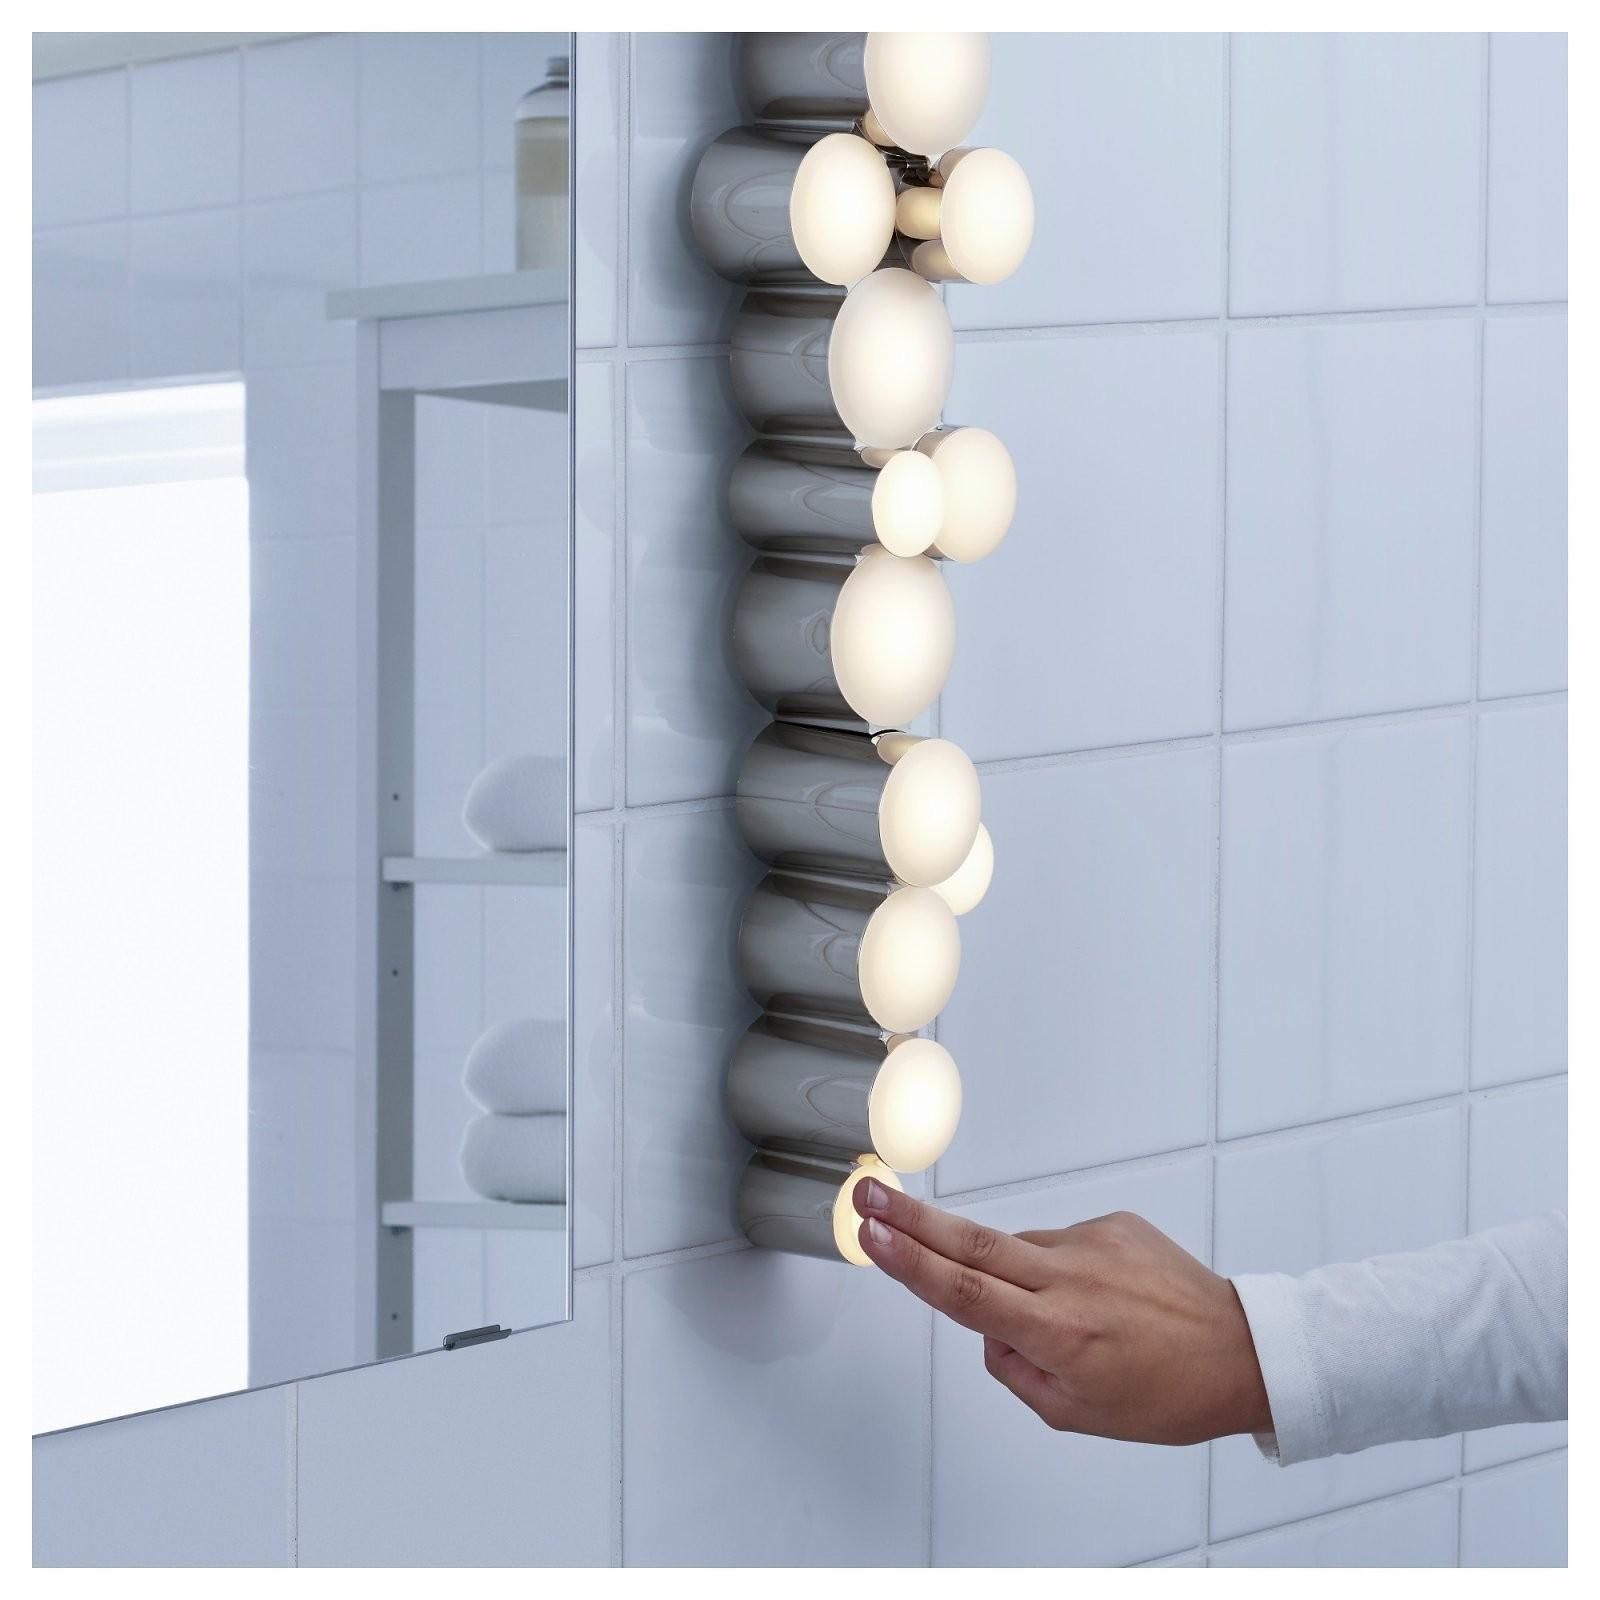 Södersvik Wandleuchte Led  Ikea von Schminkspiegel Mit Beleuchtung Ikea Bild